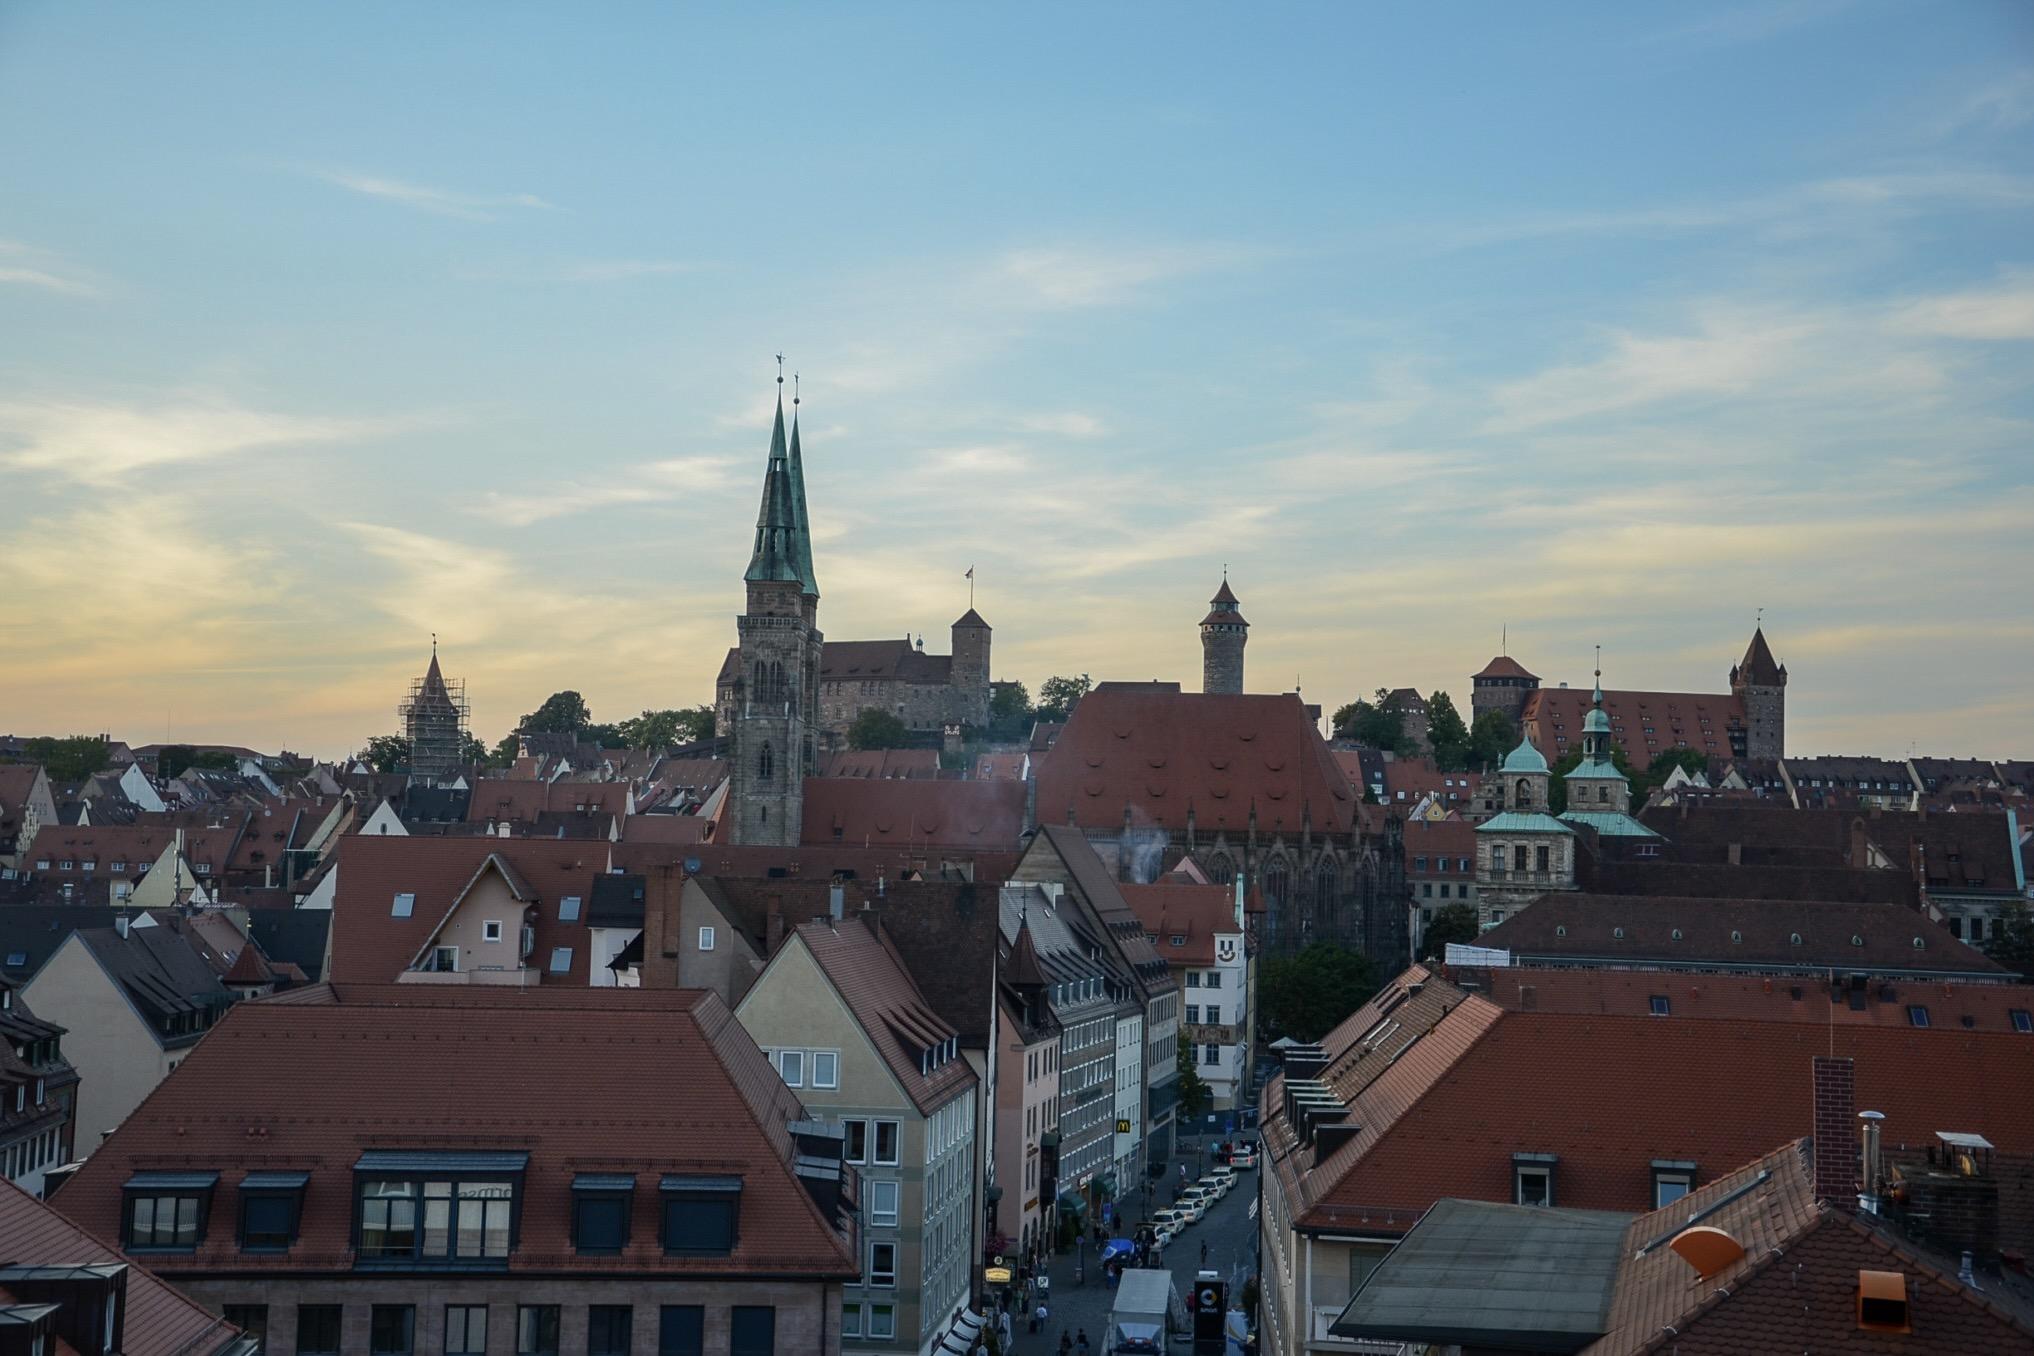 Nürnberg ist ein schöner Städtetrip unter den bestenn Ausflugszielen in Bayern